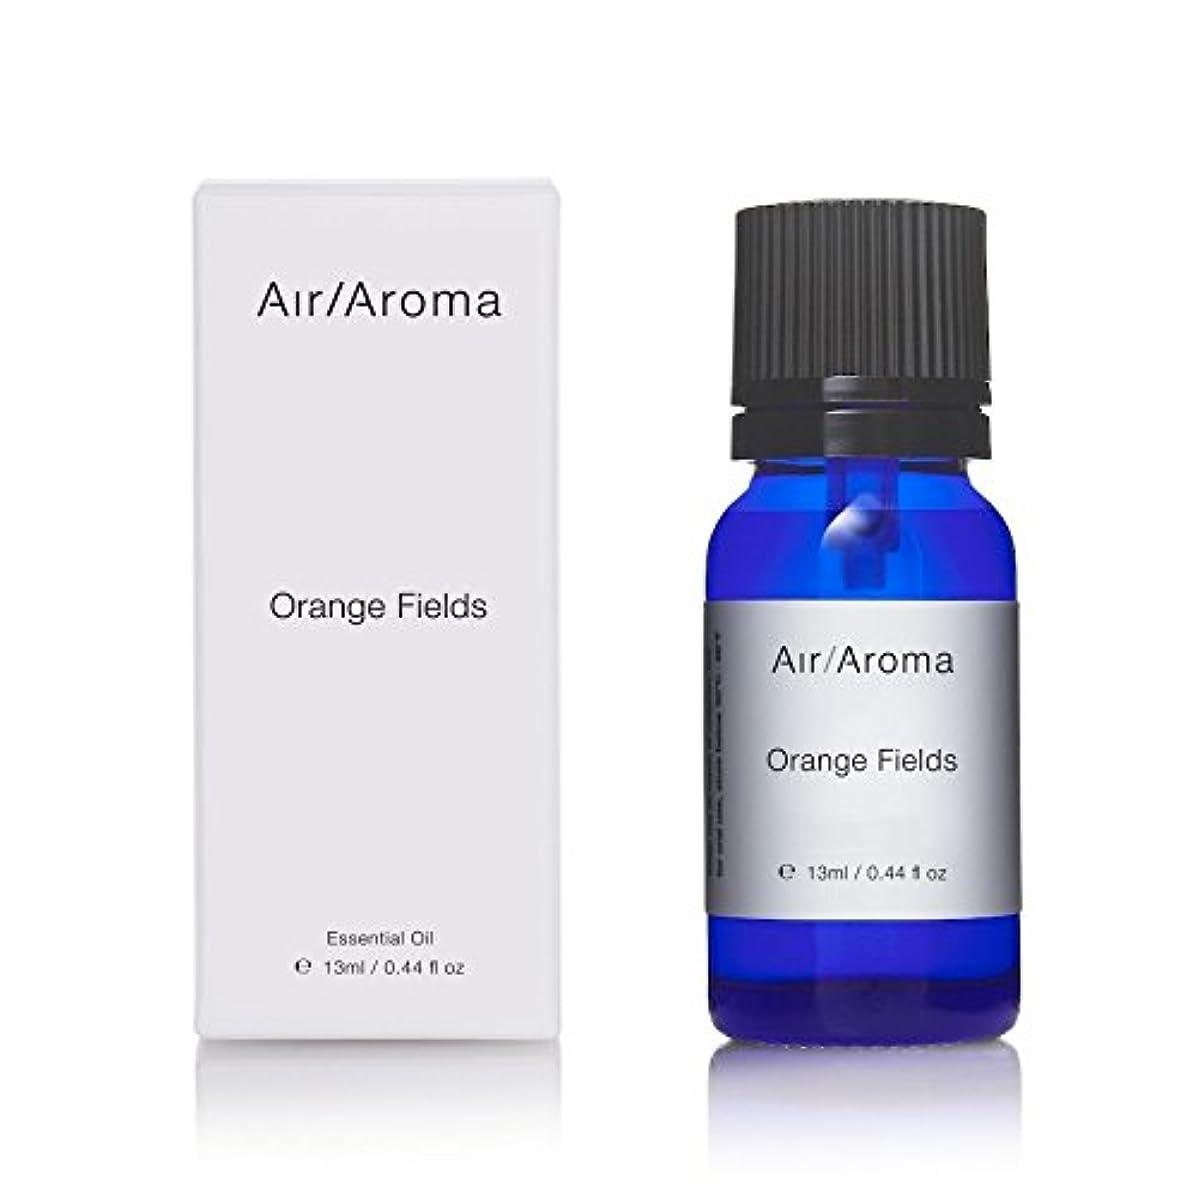 間違いなく市の中心部スペイン語エアアロマ orange fields (オレンジフィールド) 13ml